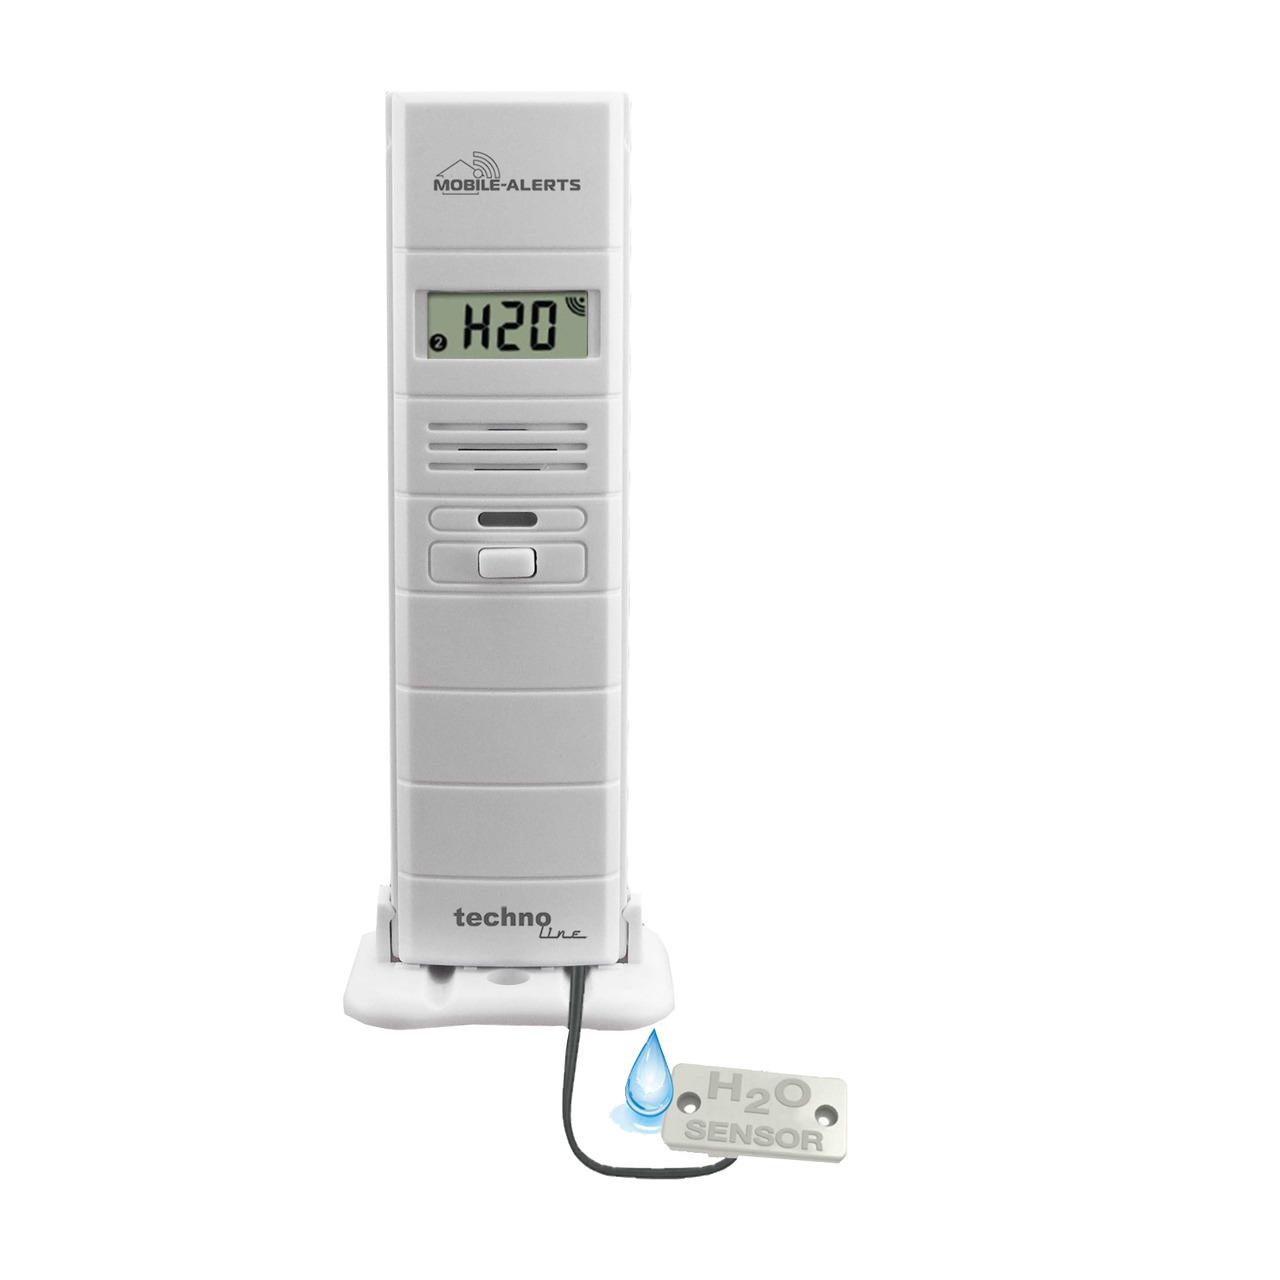 ELV Mobile Alerts Temperatur-Luftfeuchtigkeitssensor MA10350